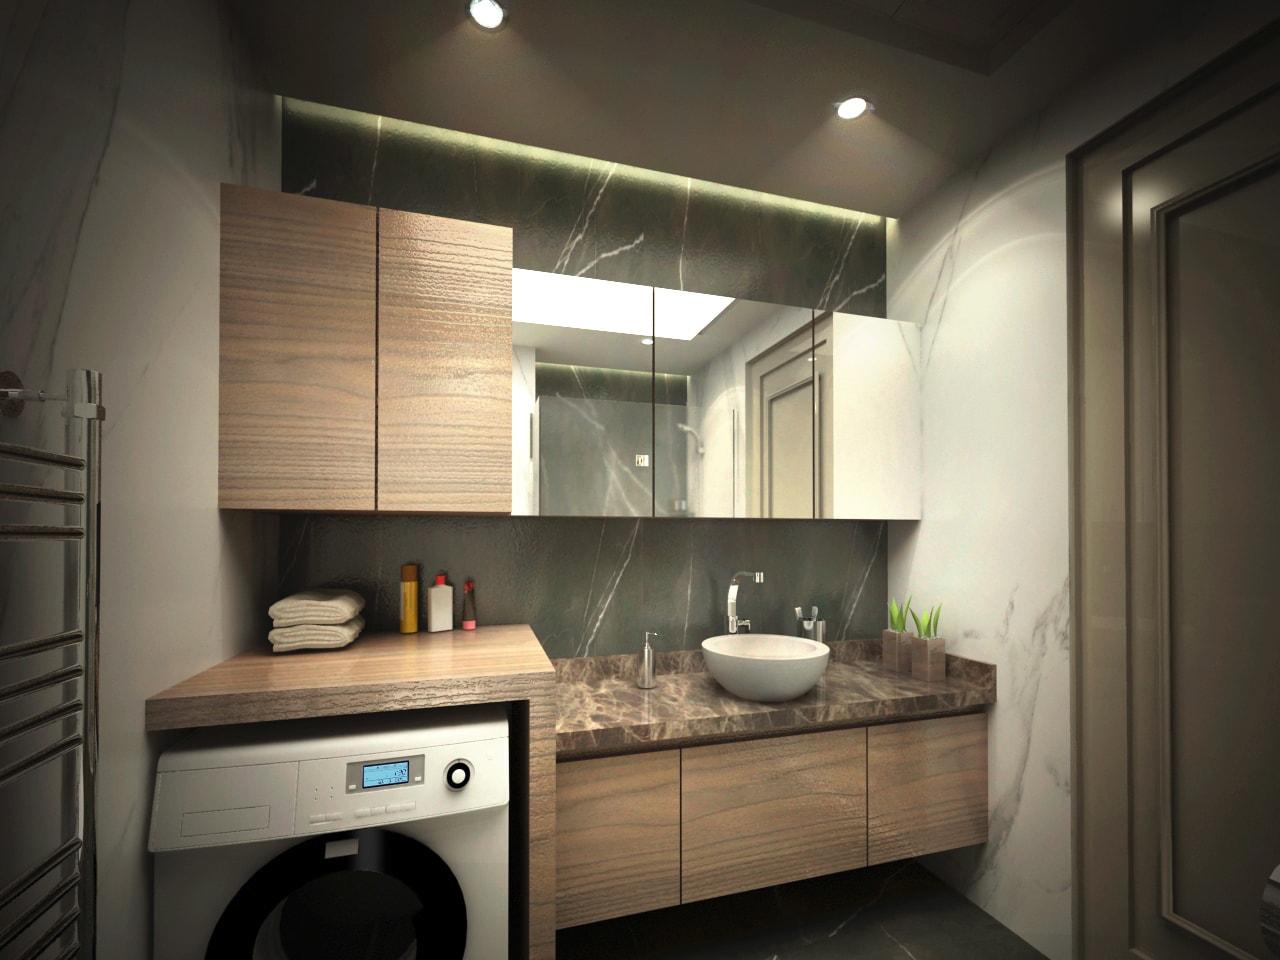 Продаются квартиры в жилом комплексе 3+1 - Фото 23